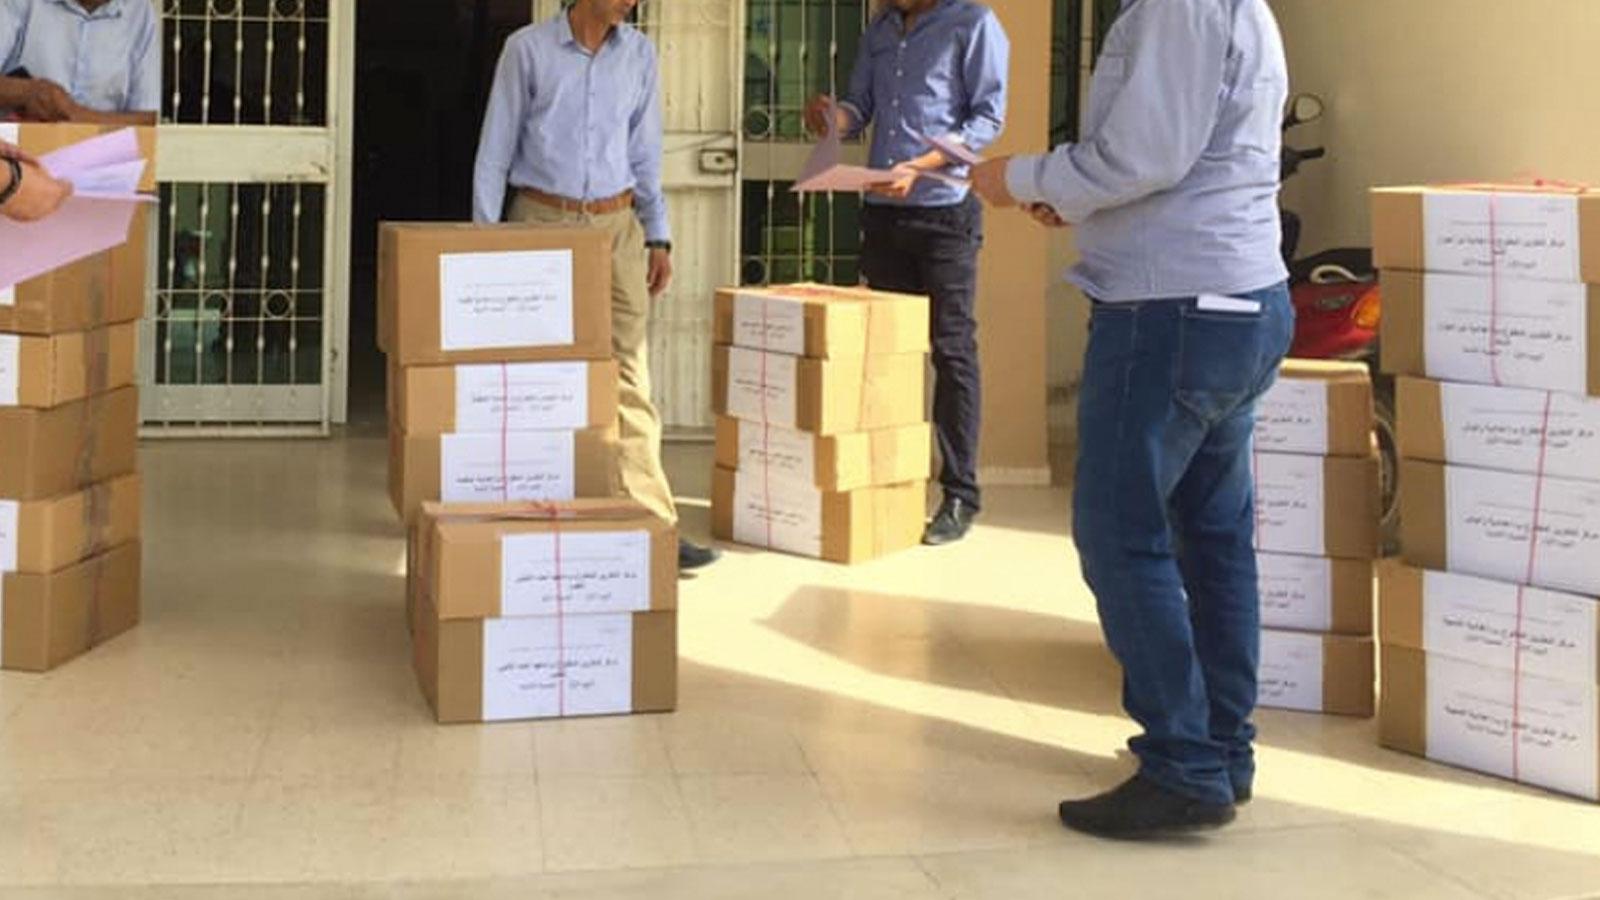 انطلاق عملية توزيع الإختبارات الكتابية لإمتحان الباكالوريا